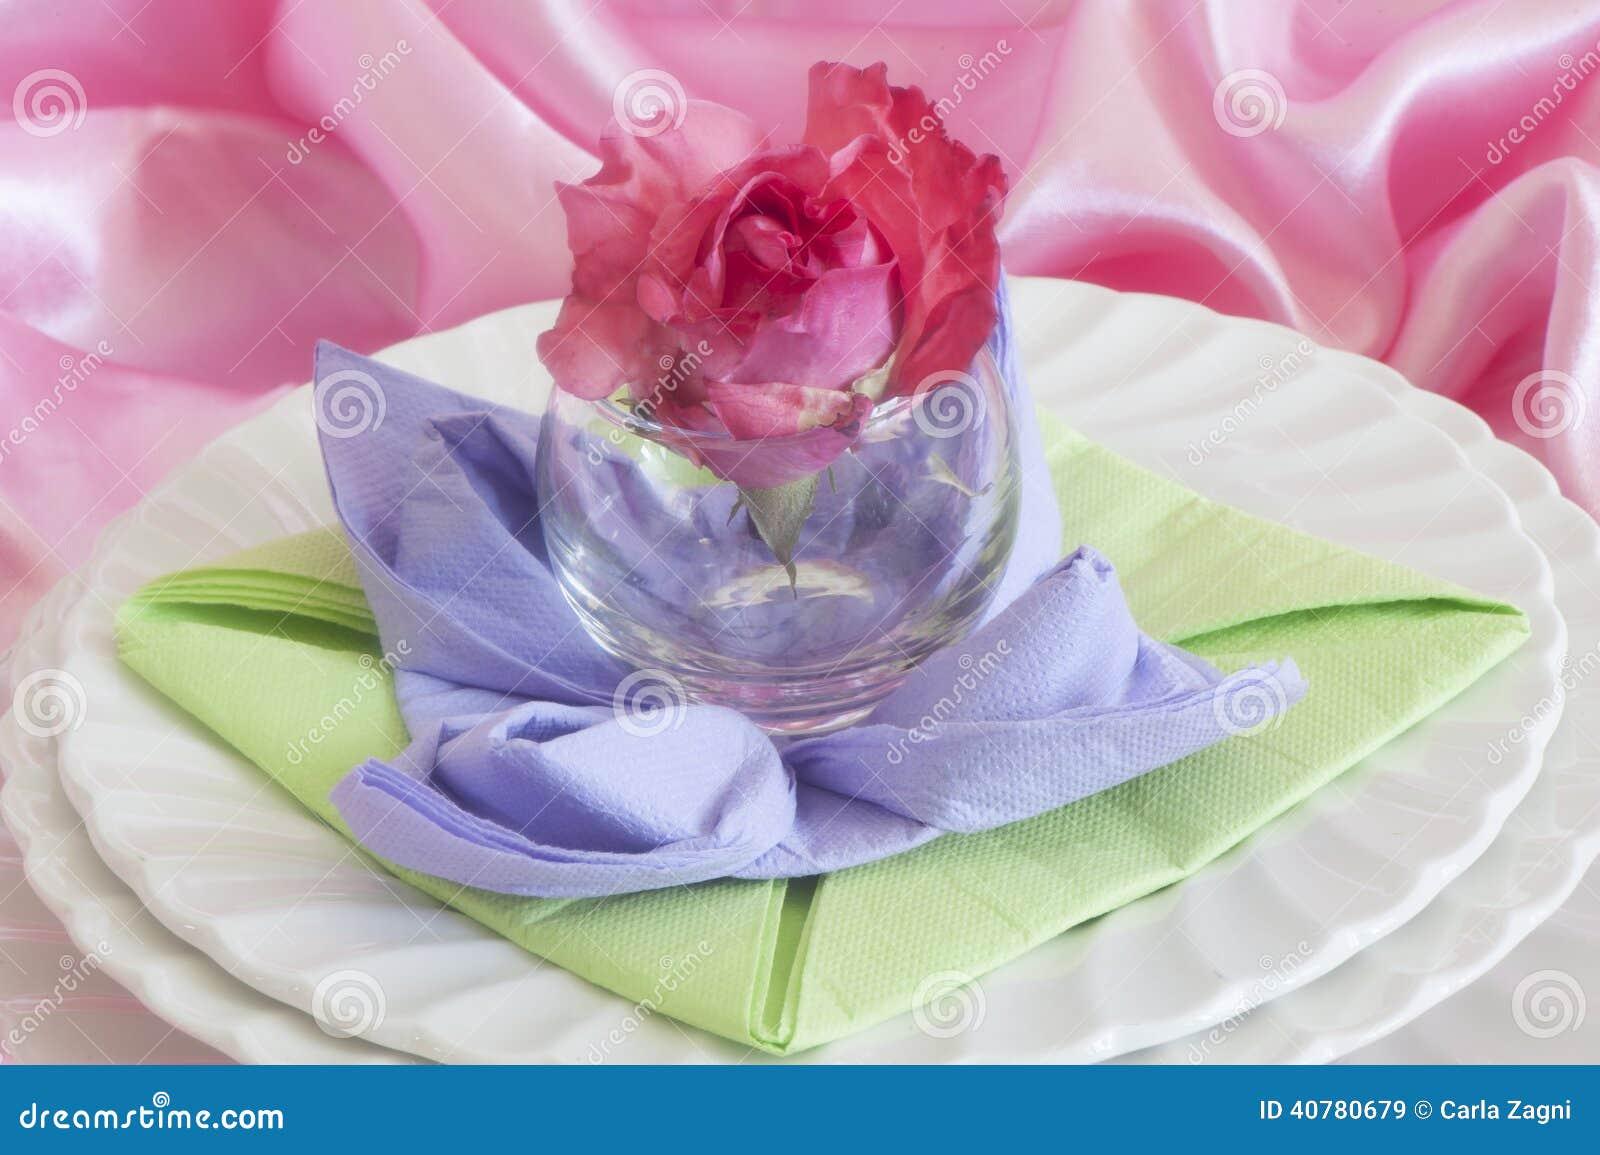 Elegant origami napkins stock image image of flower 40780679 elegant origami napkins flower flowers mightylinksfo